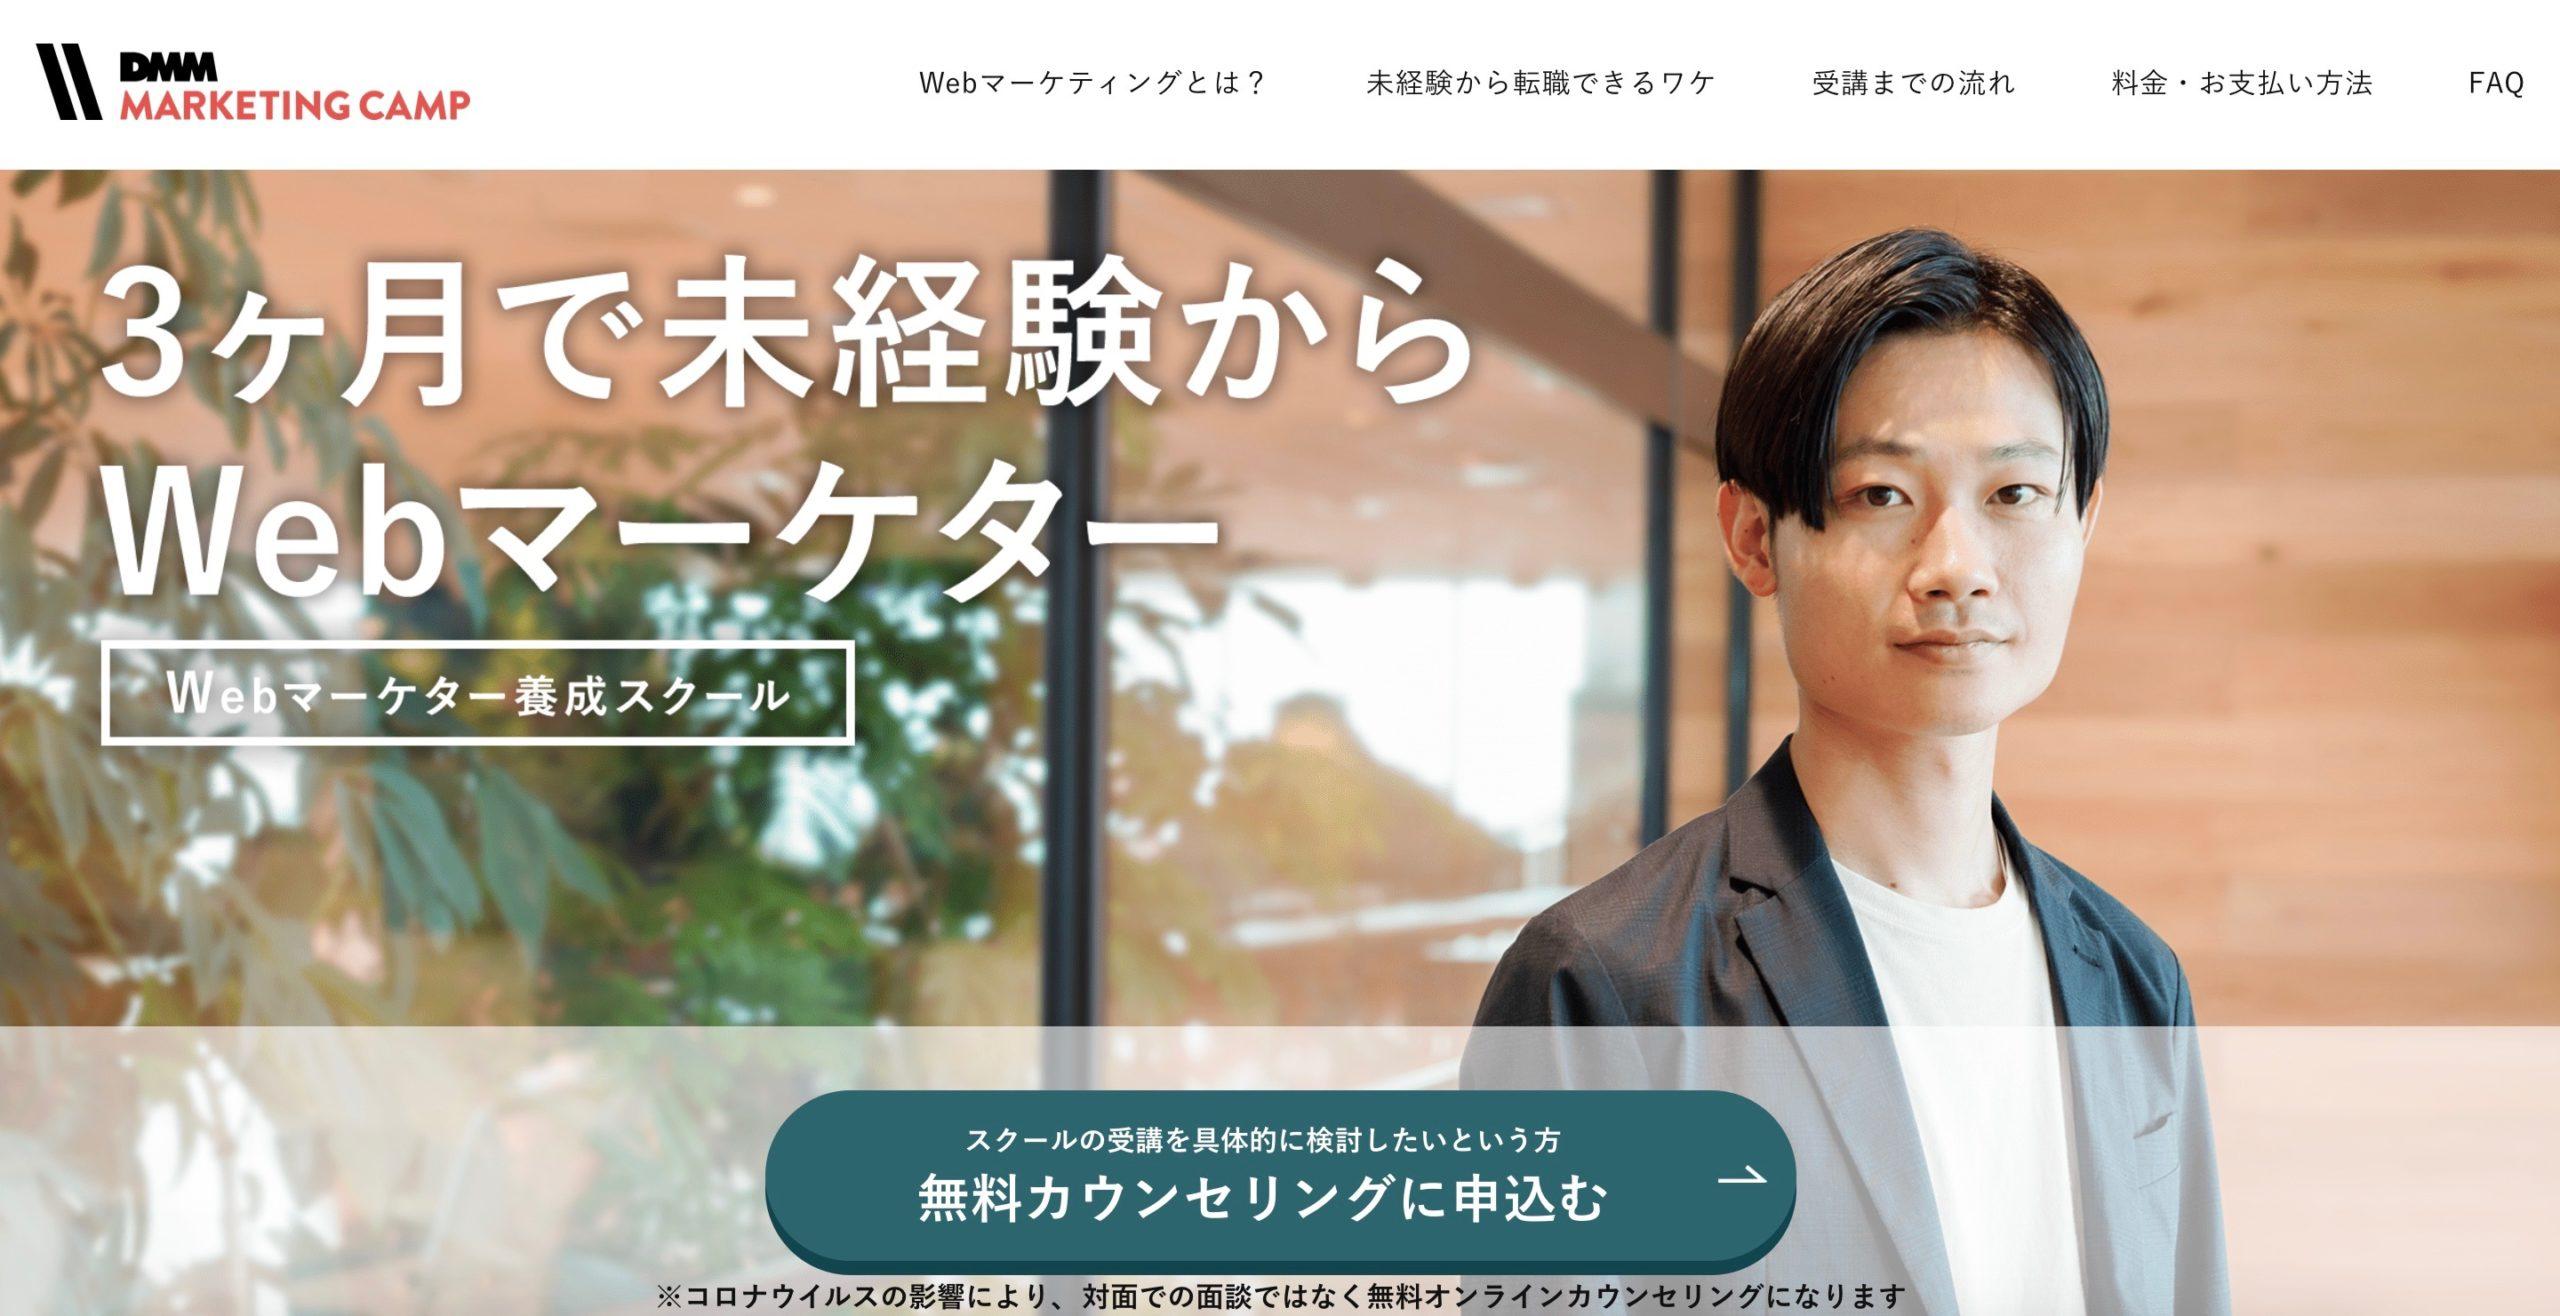 マケキャン(旧: DMM Marketing Camp)でプロのWebマーケターになろう!!